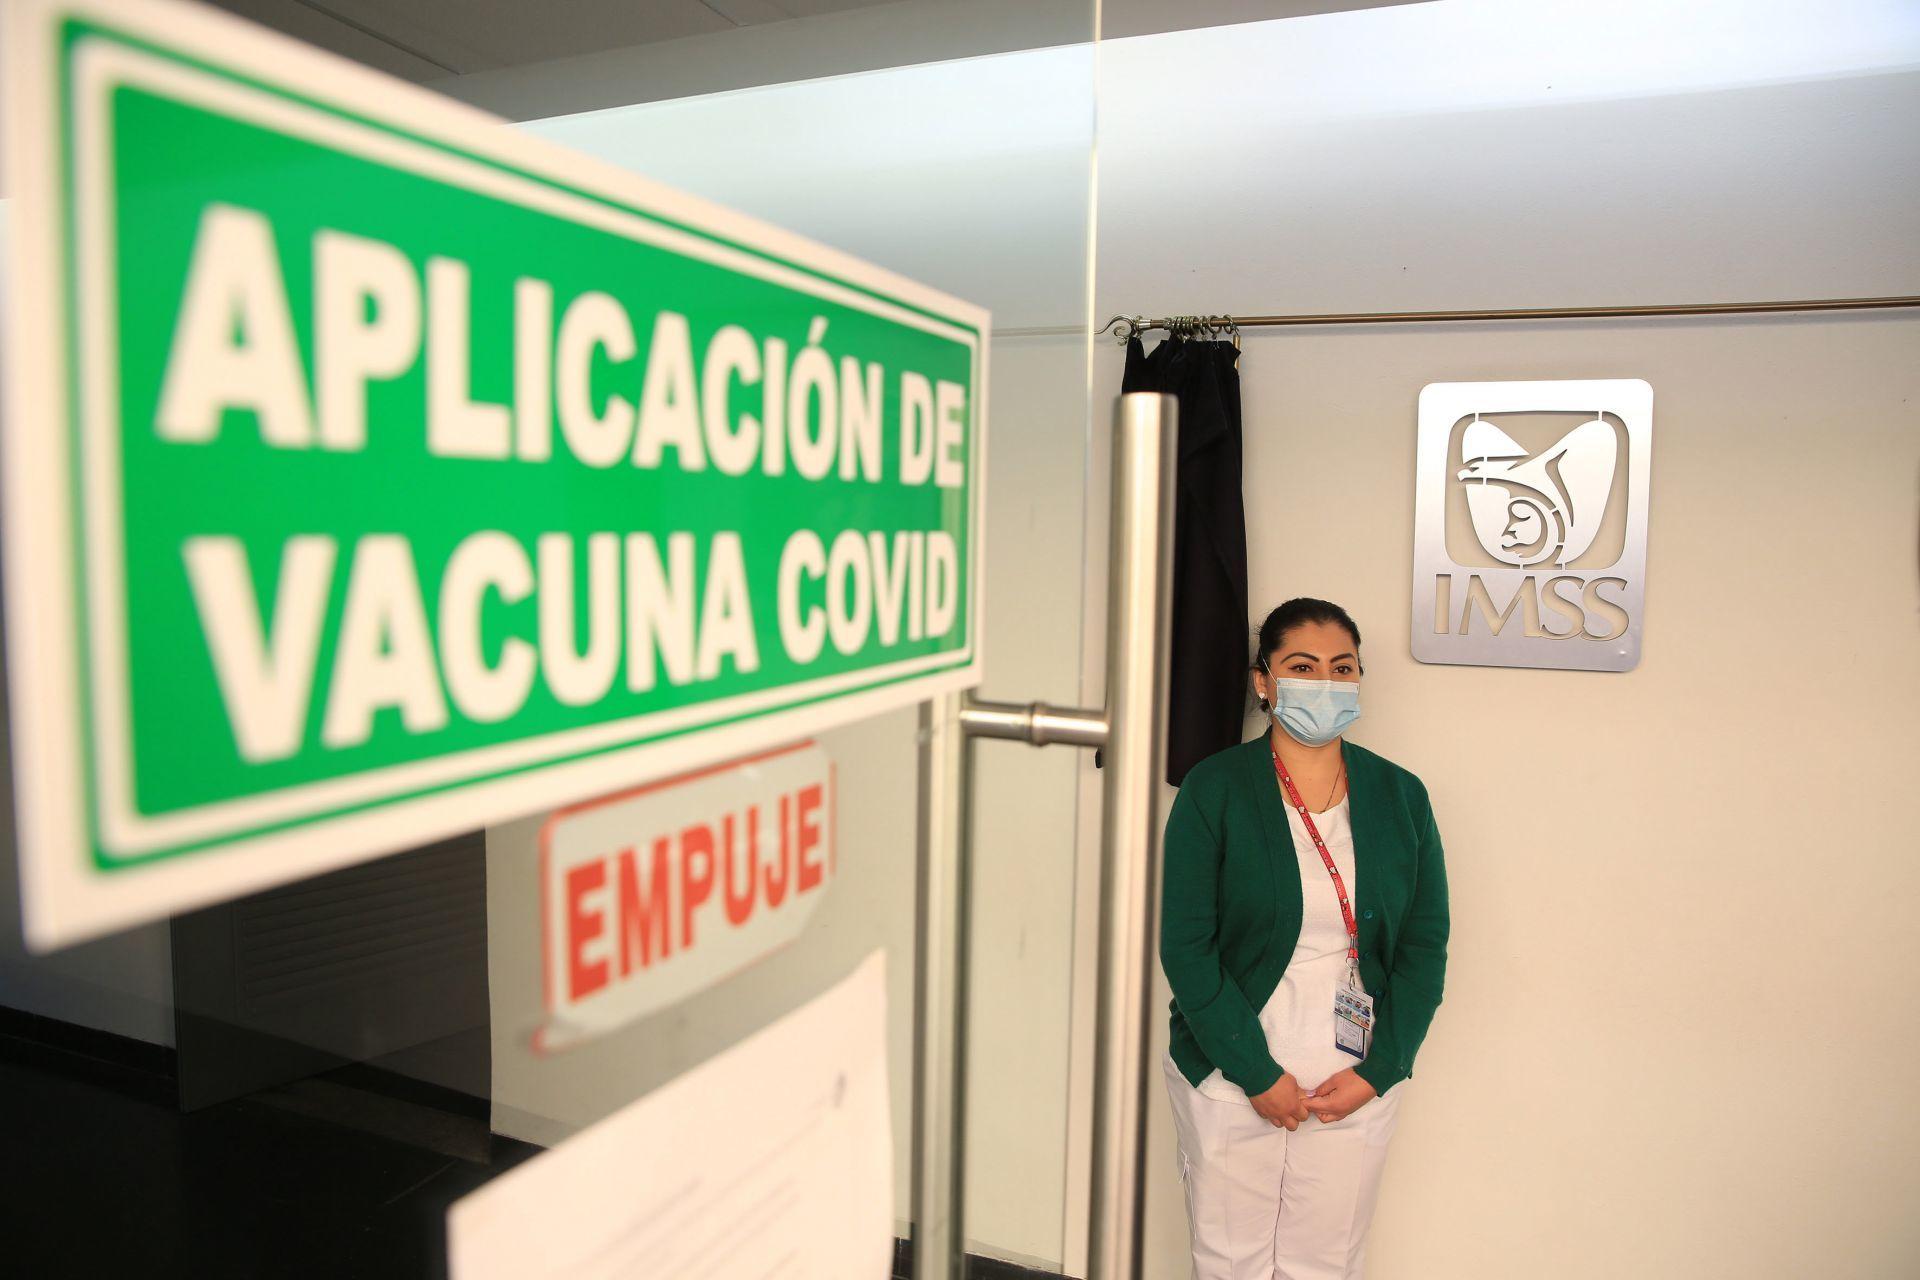 México aceptó que Pfizer nos mande menos vacunas para dárselas a la ONU: AMLO